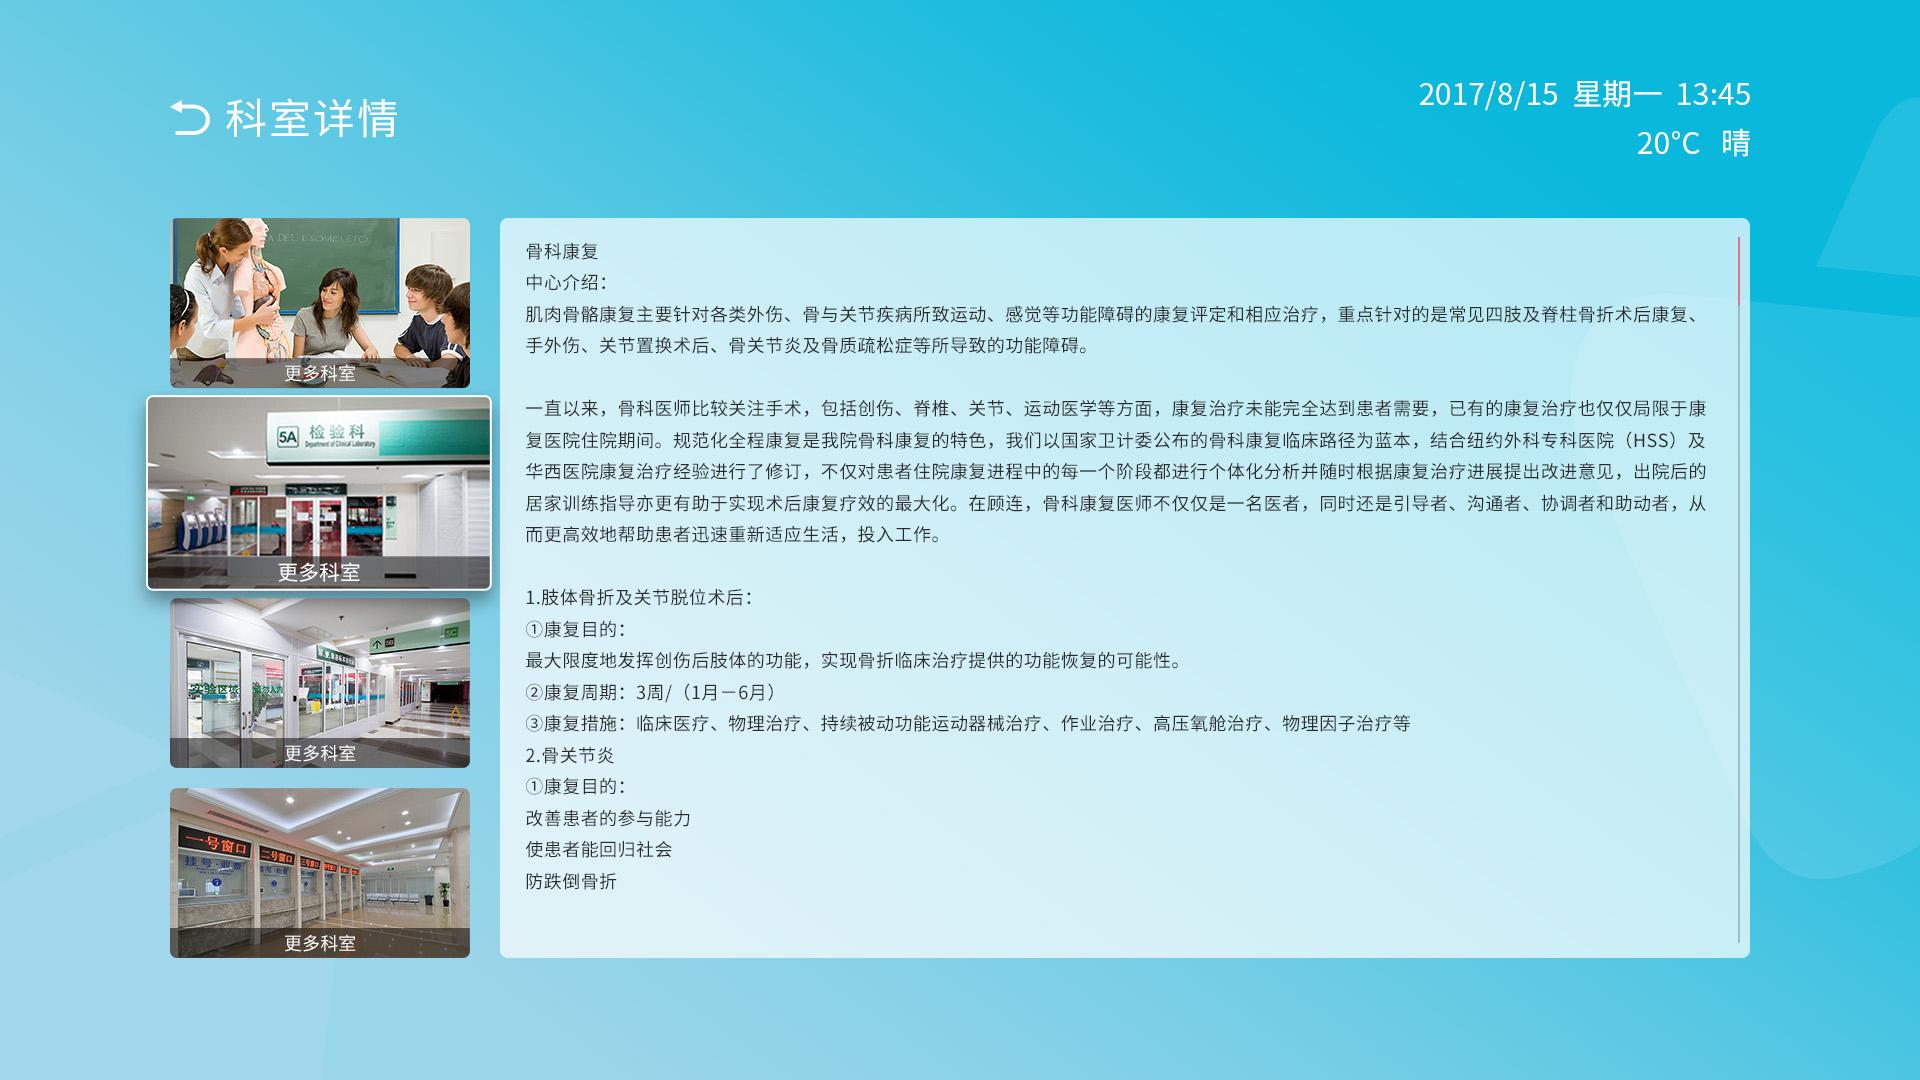 IPTV医院科室介绍.jpg